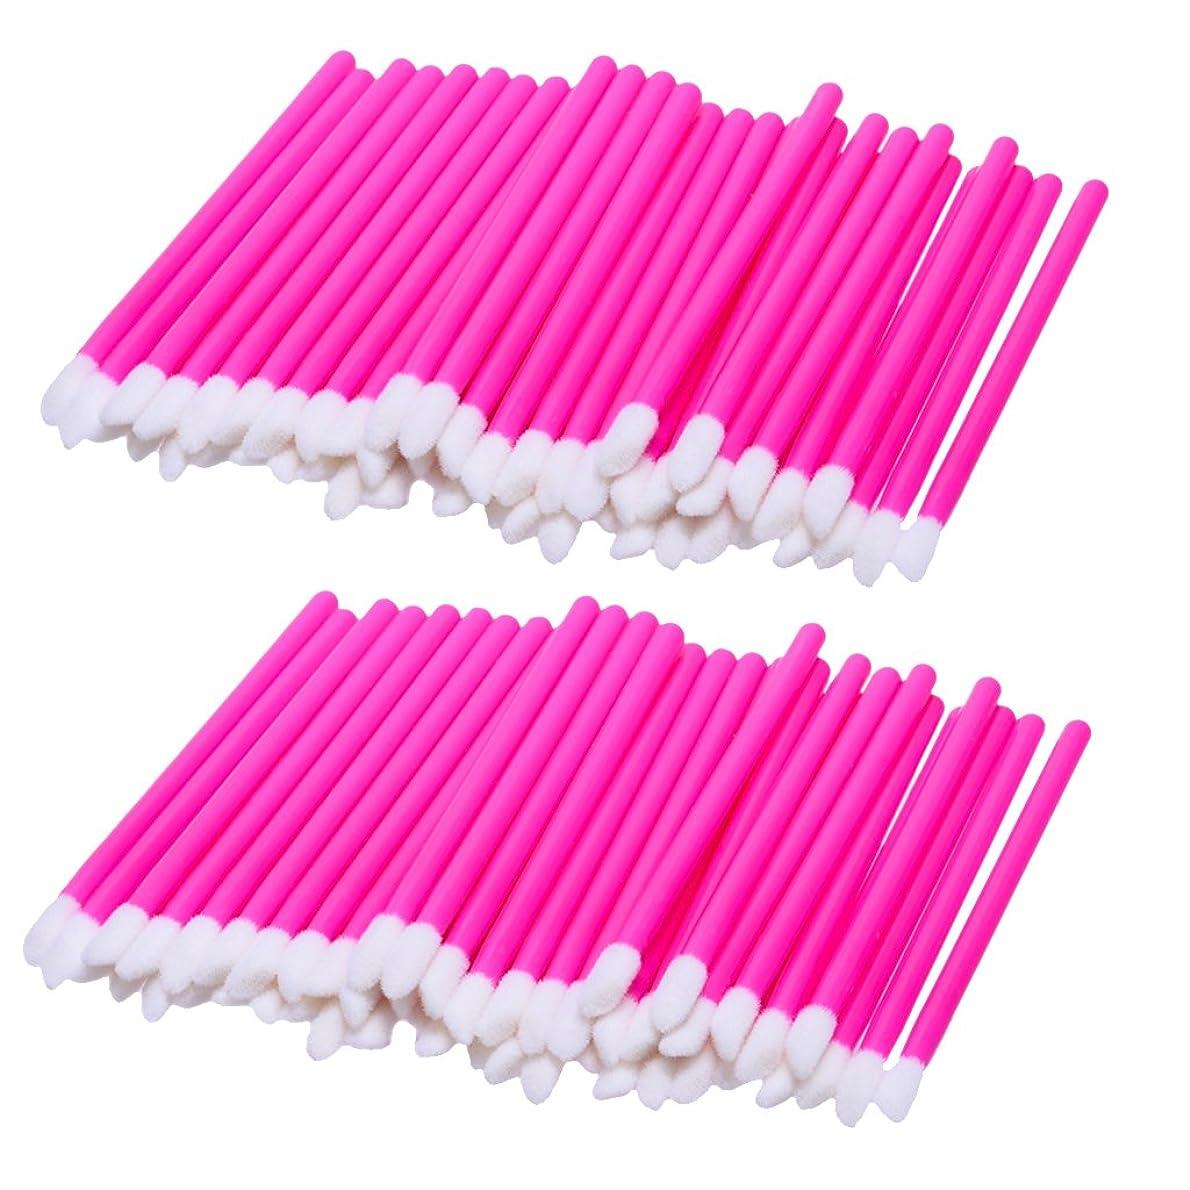 フェロー諸島しかしながら勧告Kesoto リップブラシ 使い捨て 携帯用 便利 化粧リップ 業務用 約100ピース入り 柔らかい毛 軽量 全3色 - ピンク